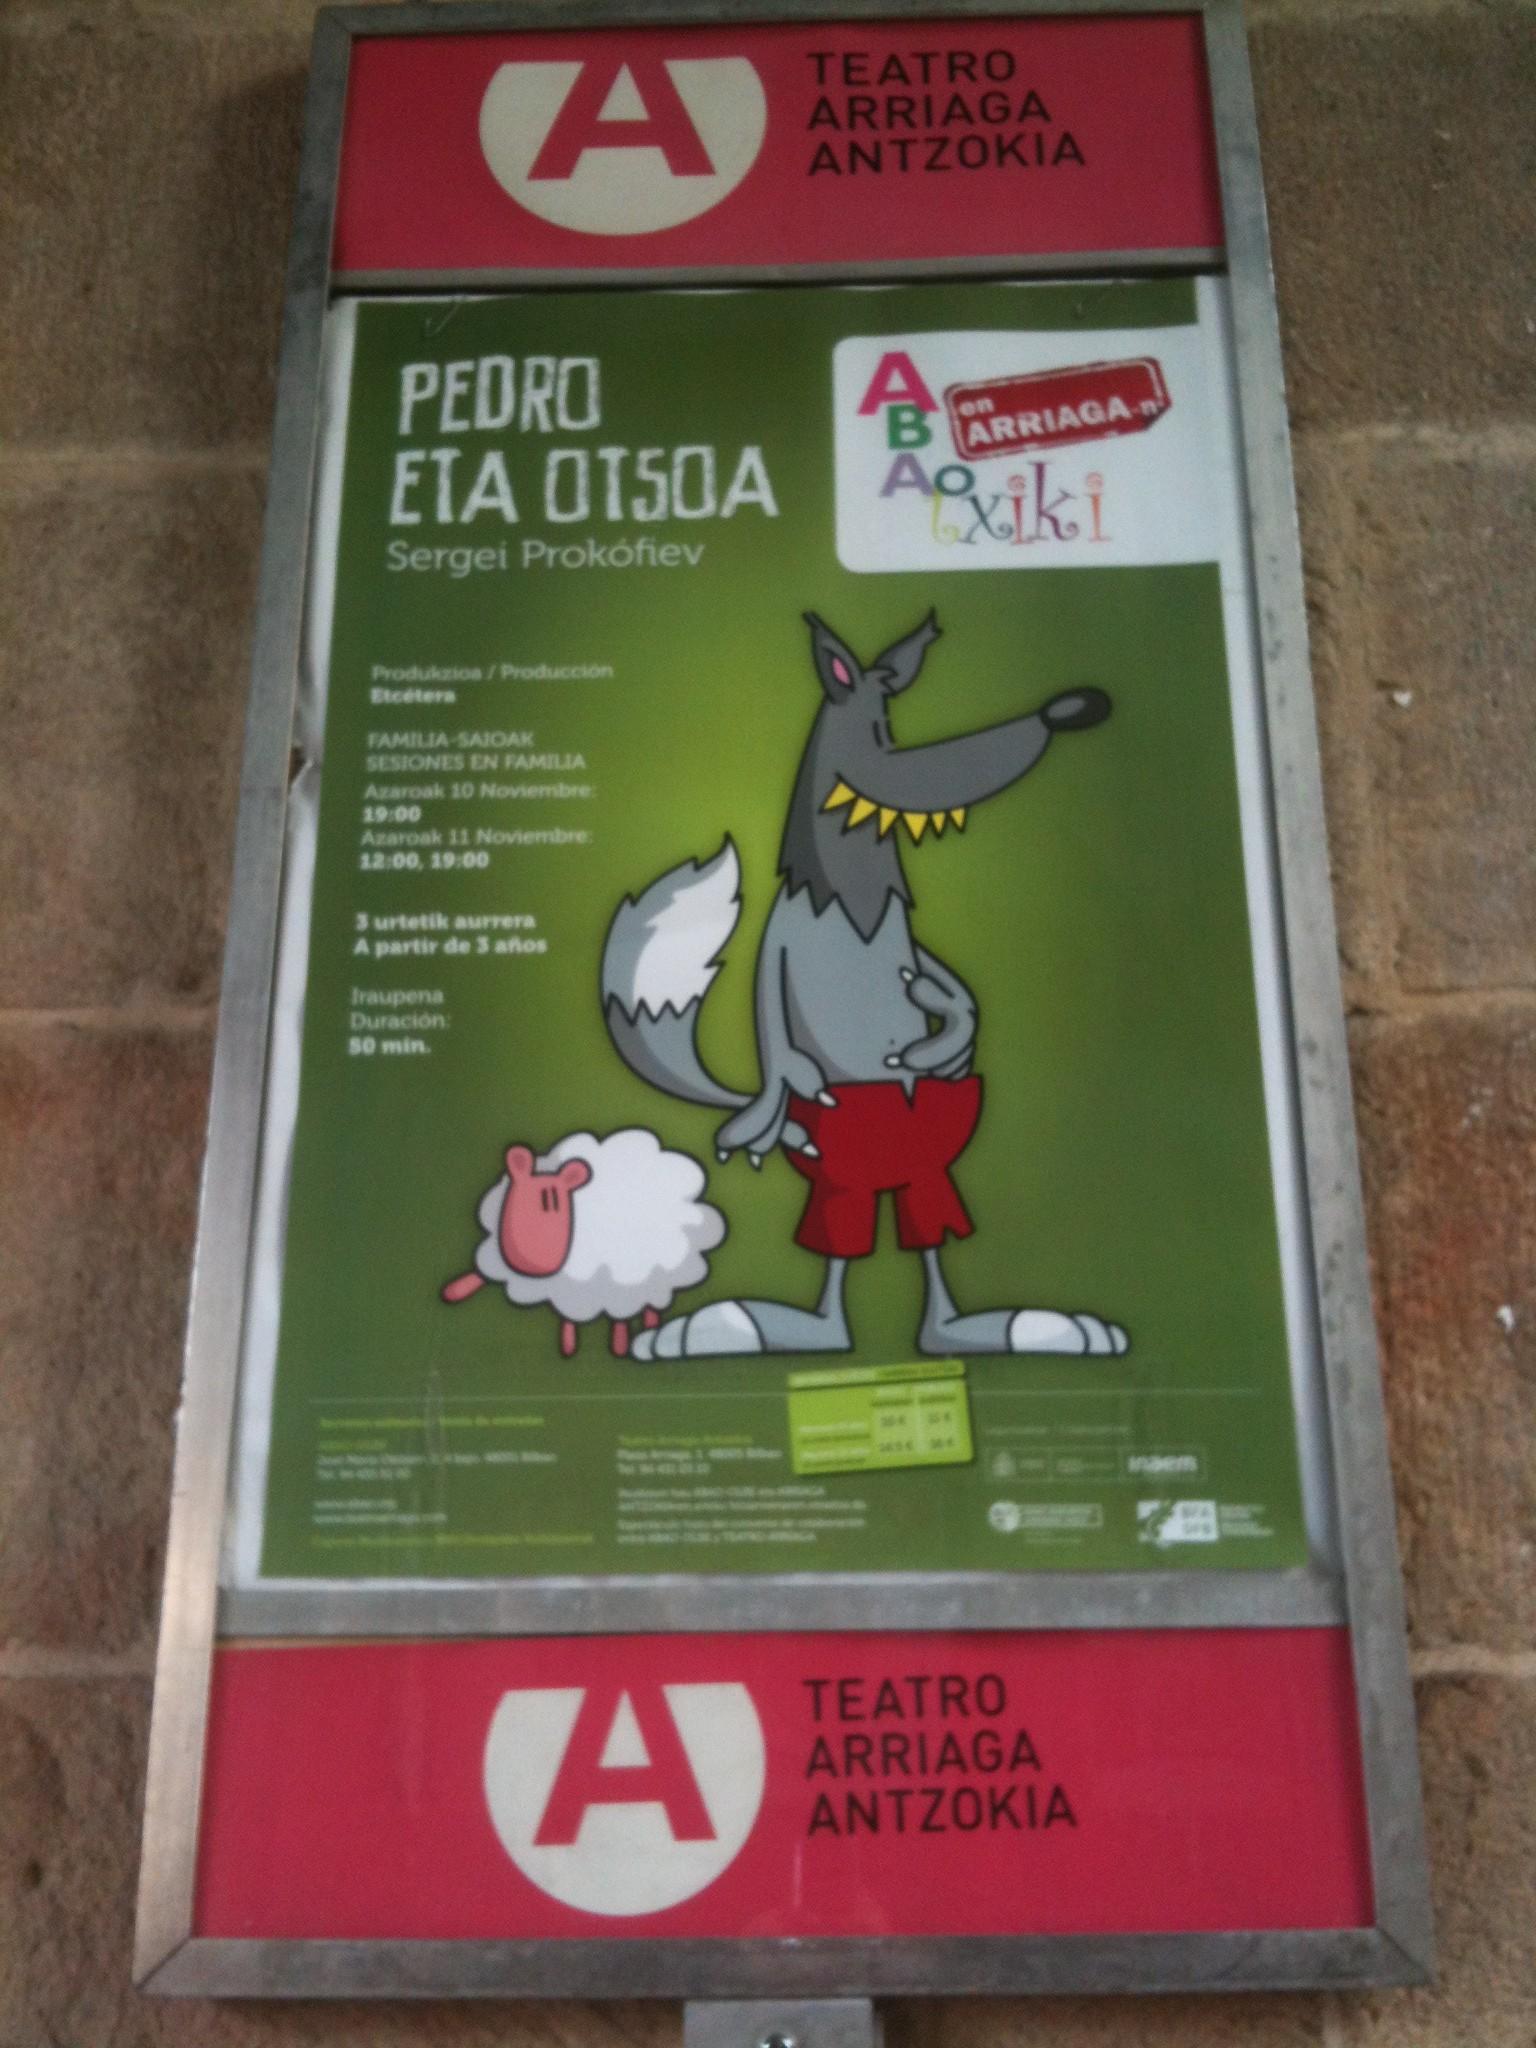 discreto amigo espectáculo de juguete cerca de Bilbao